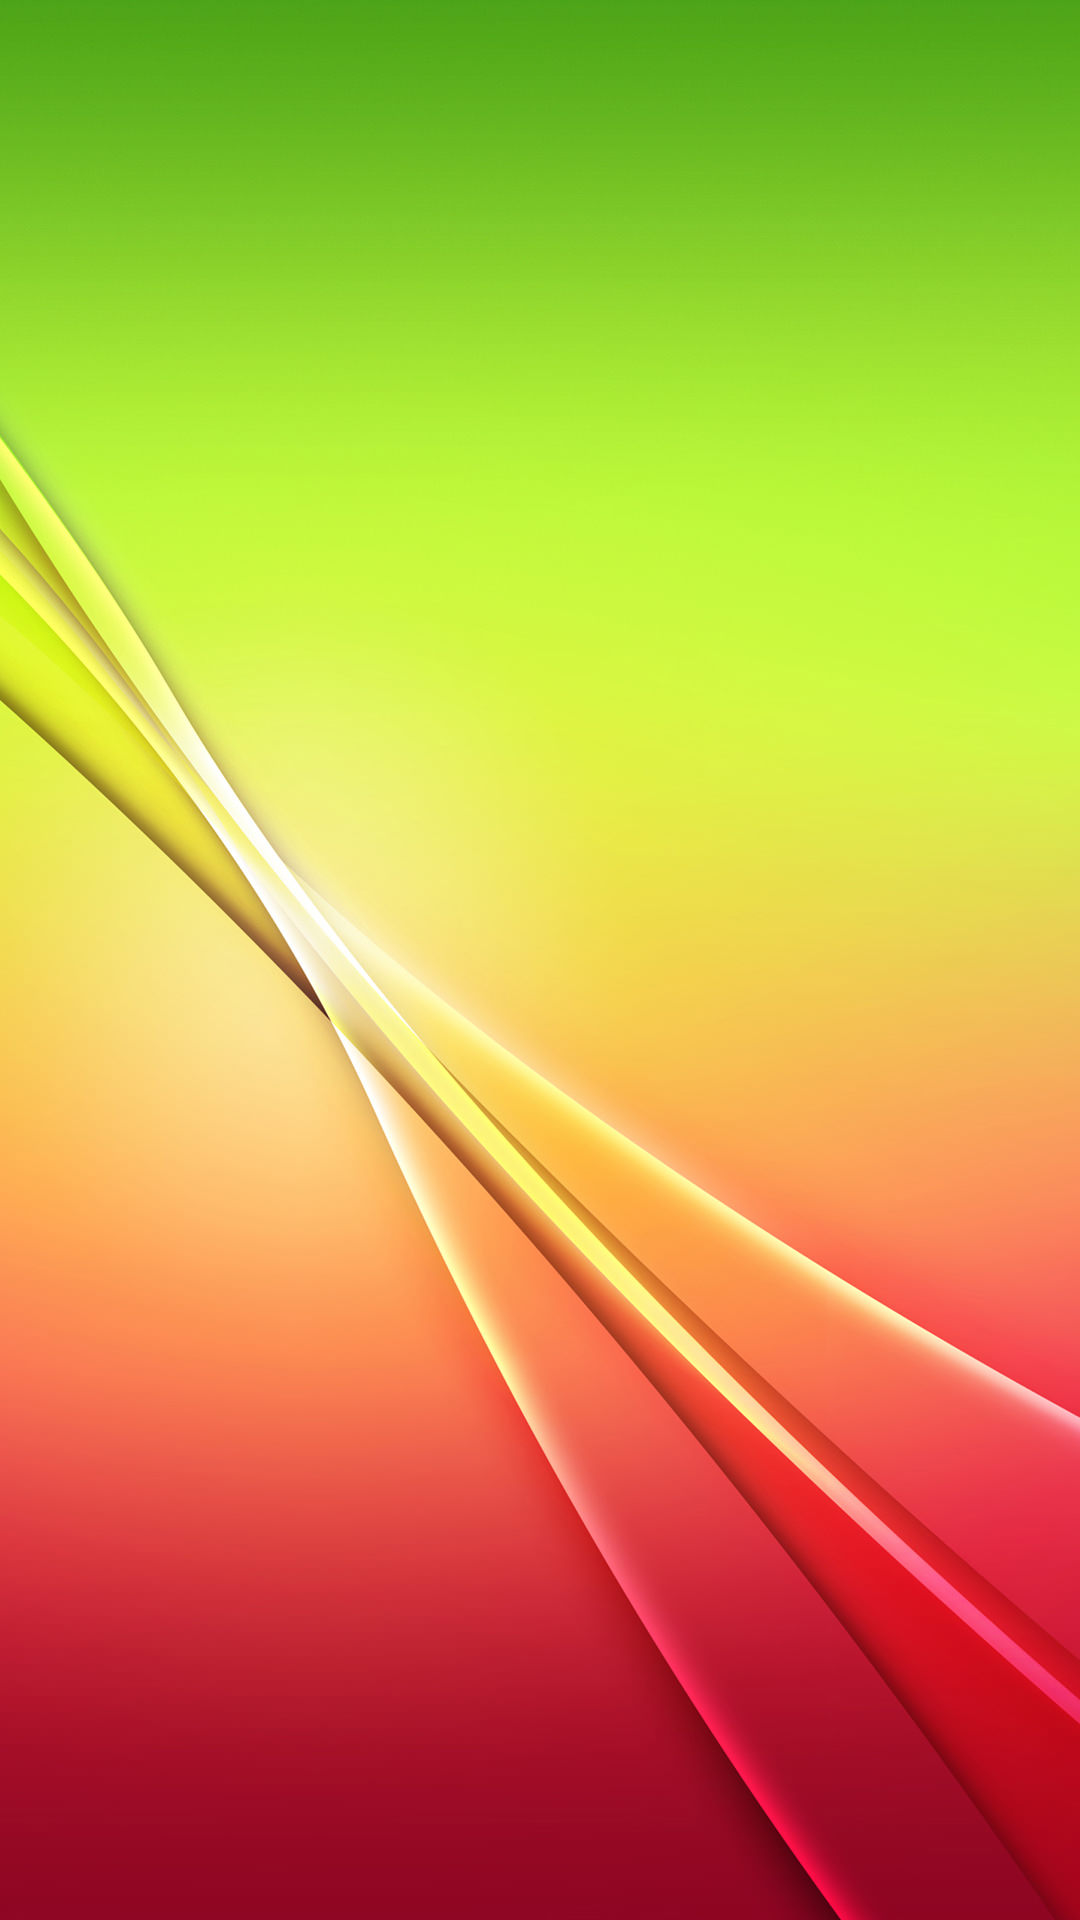 赤と緑のグラデーション iPhone6 Plus 壁紙